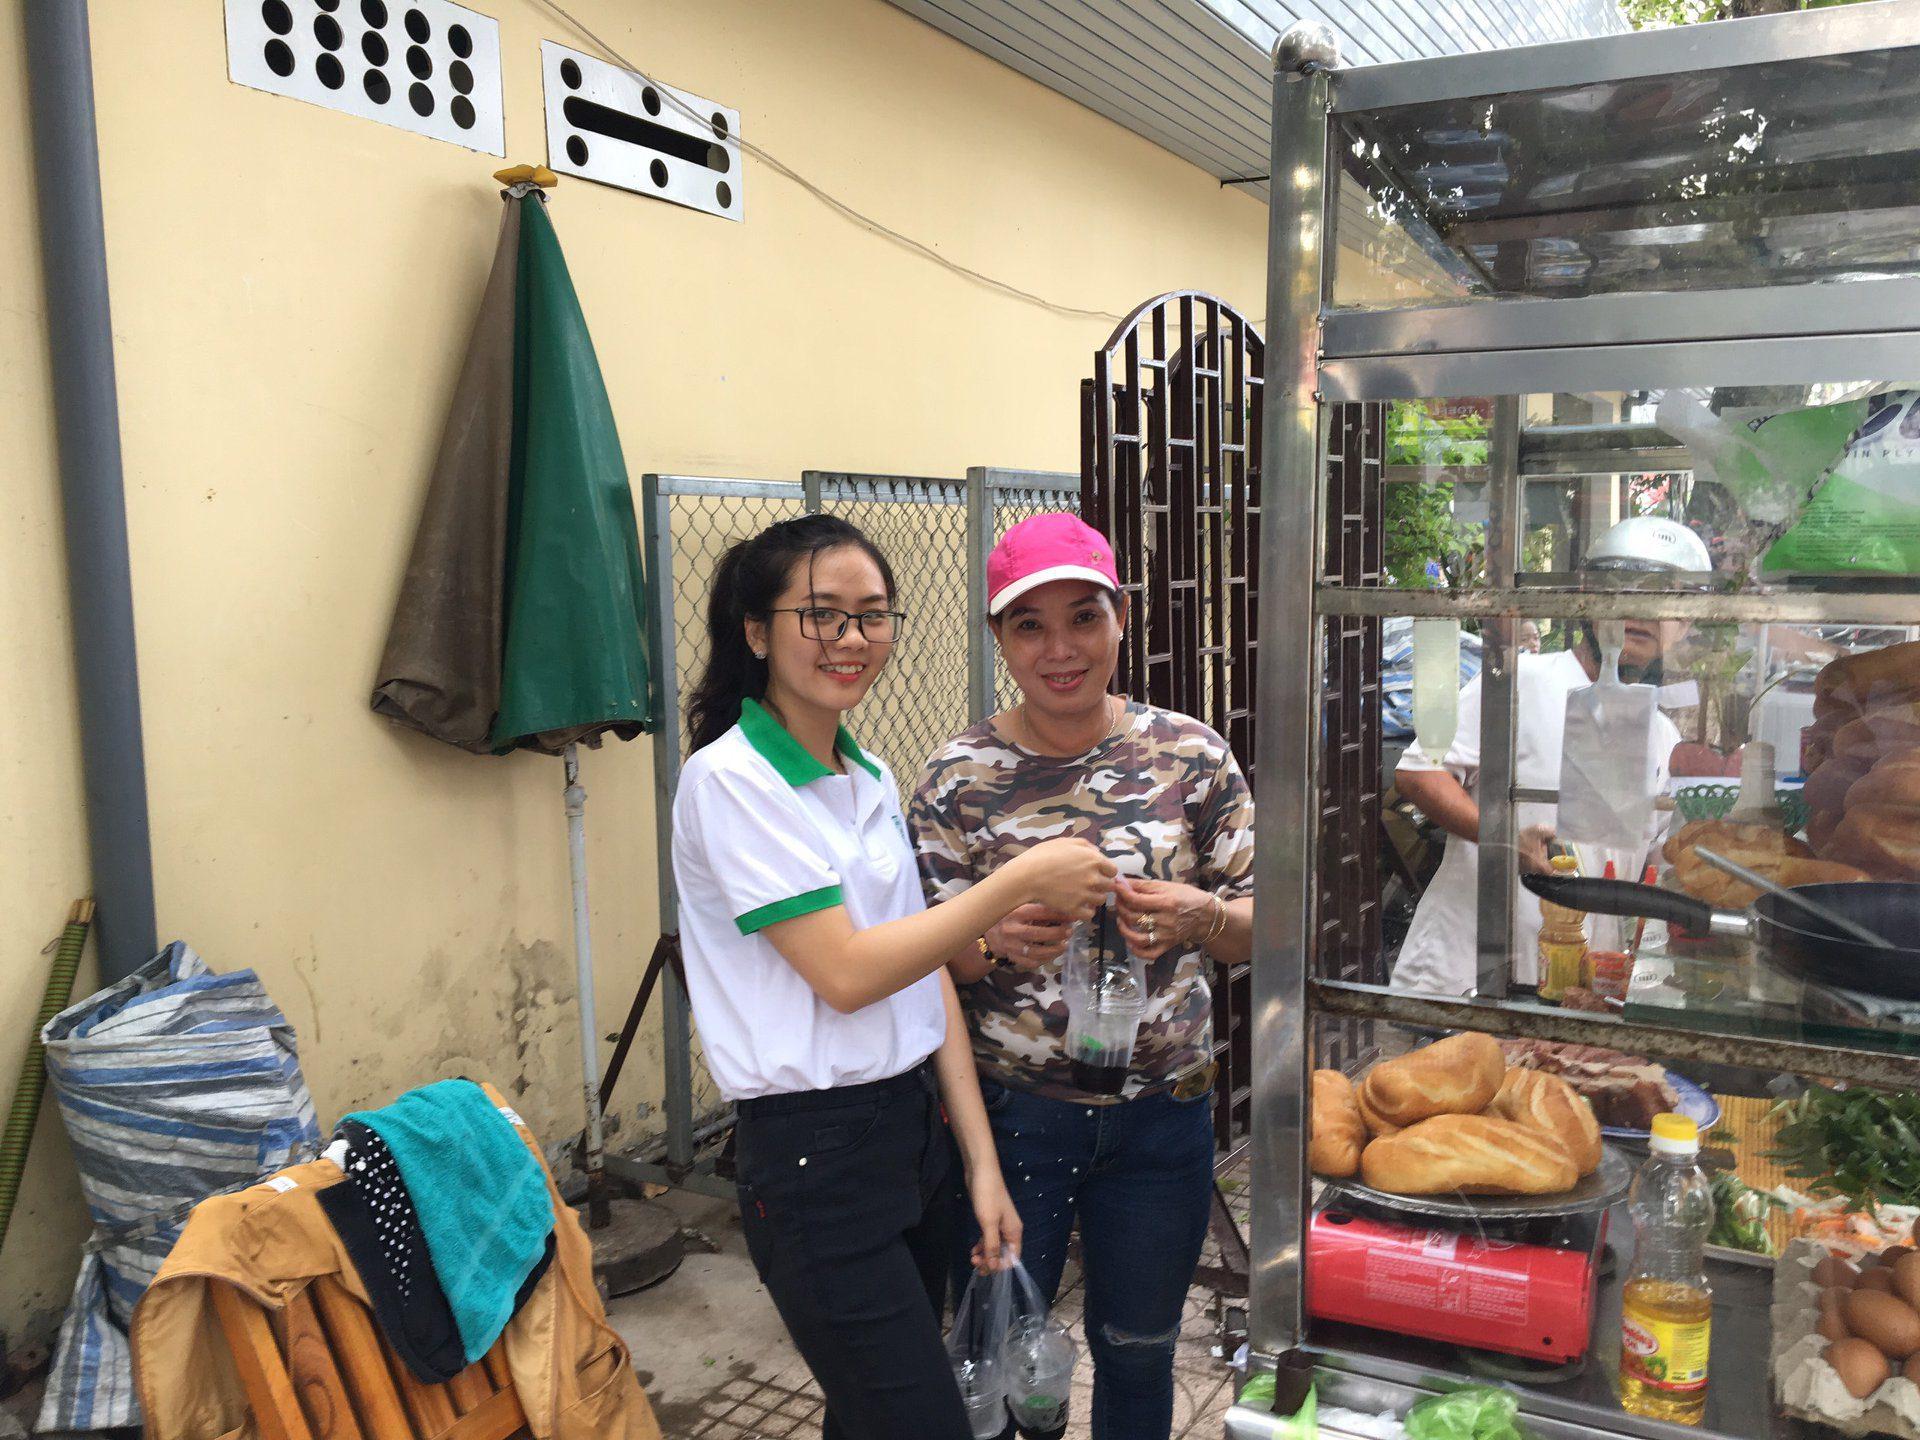 67404153 898765967127194 1714510516036042752 o - Áo thun đồng phục quán 2 Brothers Coffee - Quán cafe hot nhất Cao Lãnh - Đồng Tháp